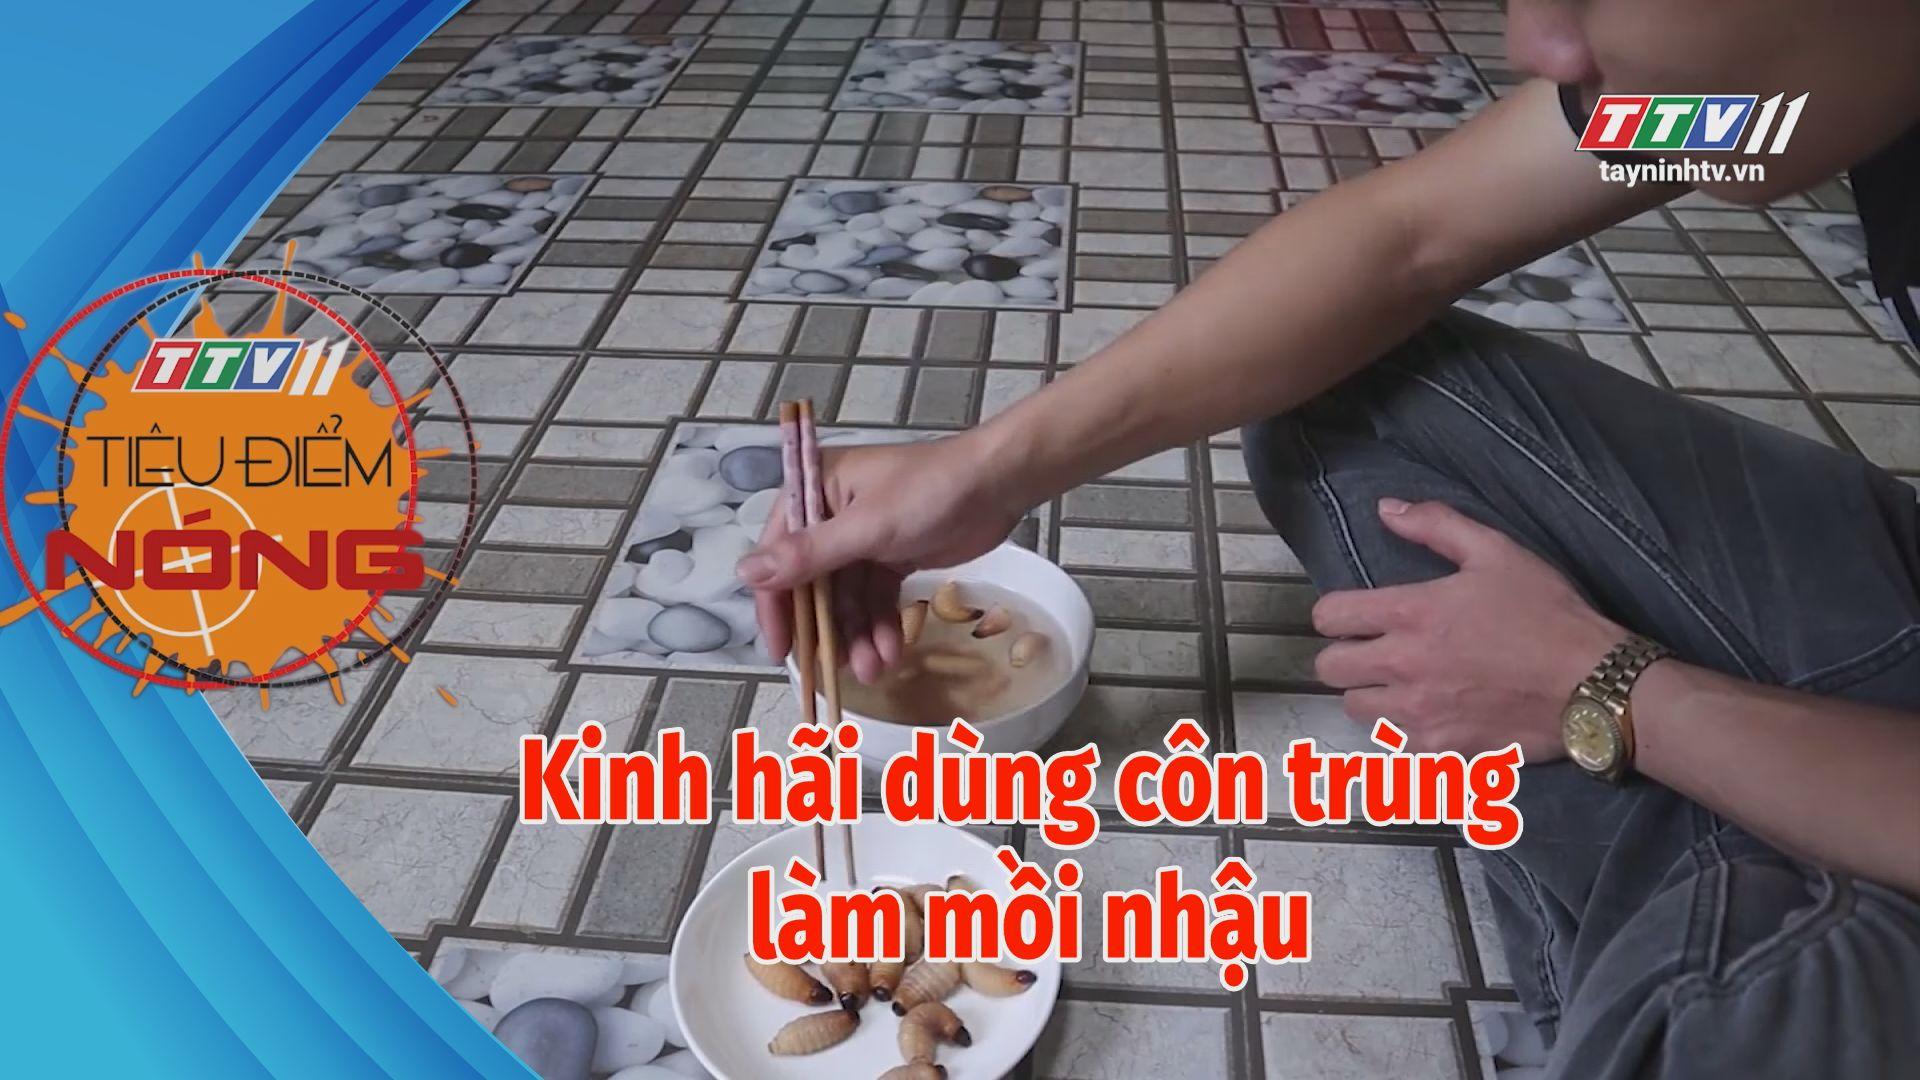 Kinh hãi dùng côn trùng làm mồi nhậu | TIÊU ĐIỂM NÓNG | Tây Ninh TV